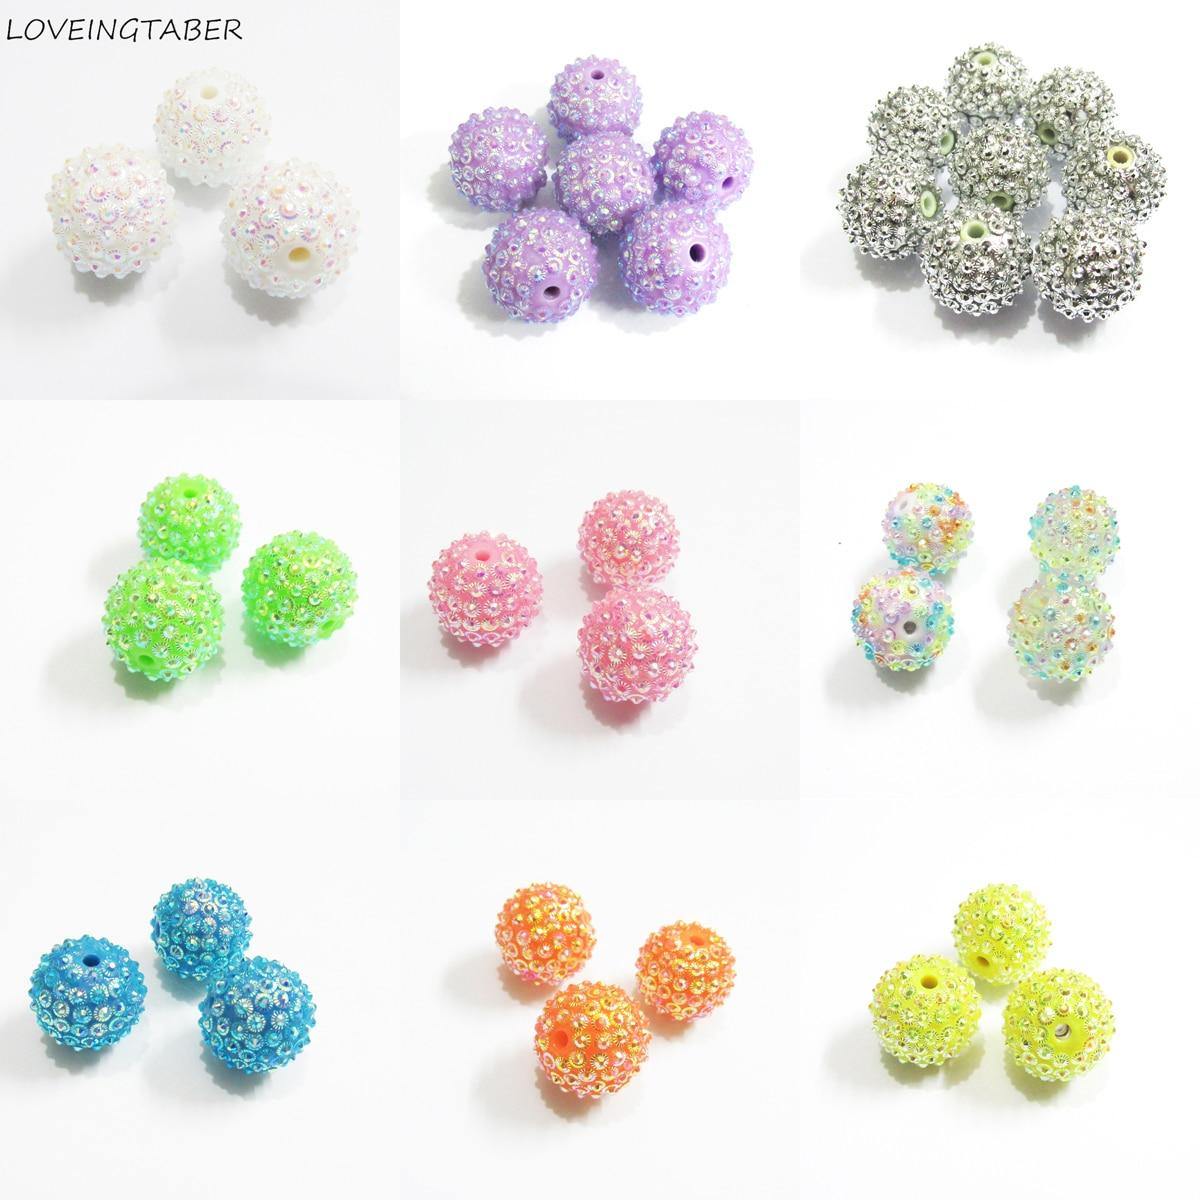 Novo Design! Atacado 12mm-400 pçs/saco, 20mm 100 pçs/saco novo design flor strass contas para crianças chunky jóias